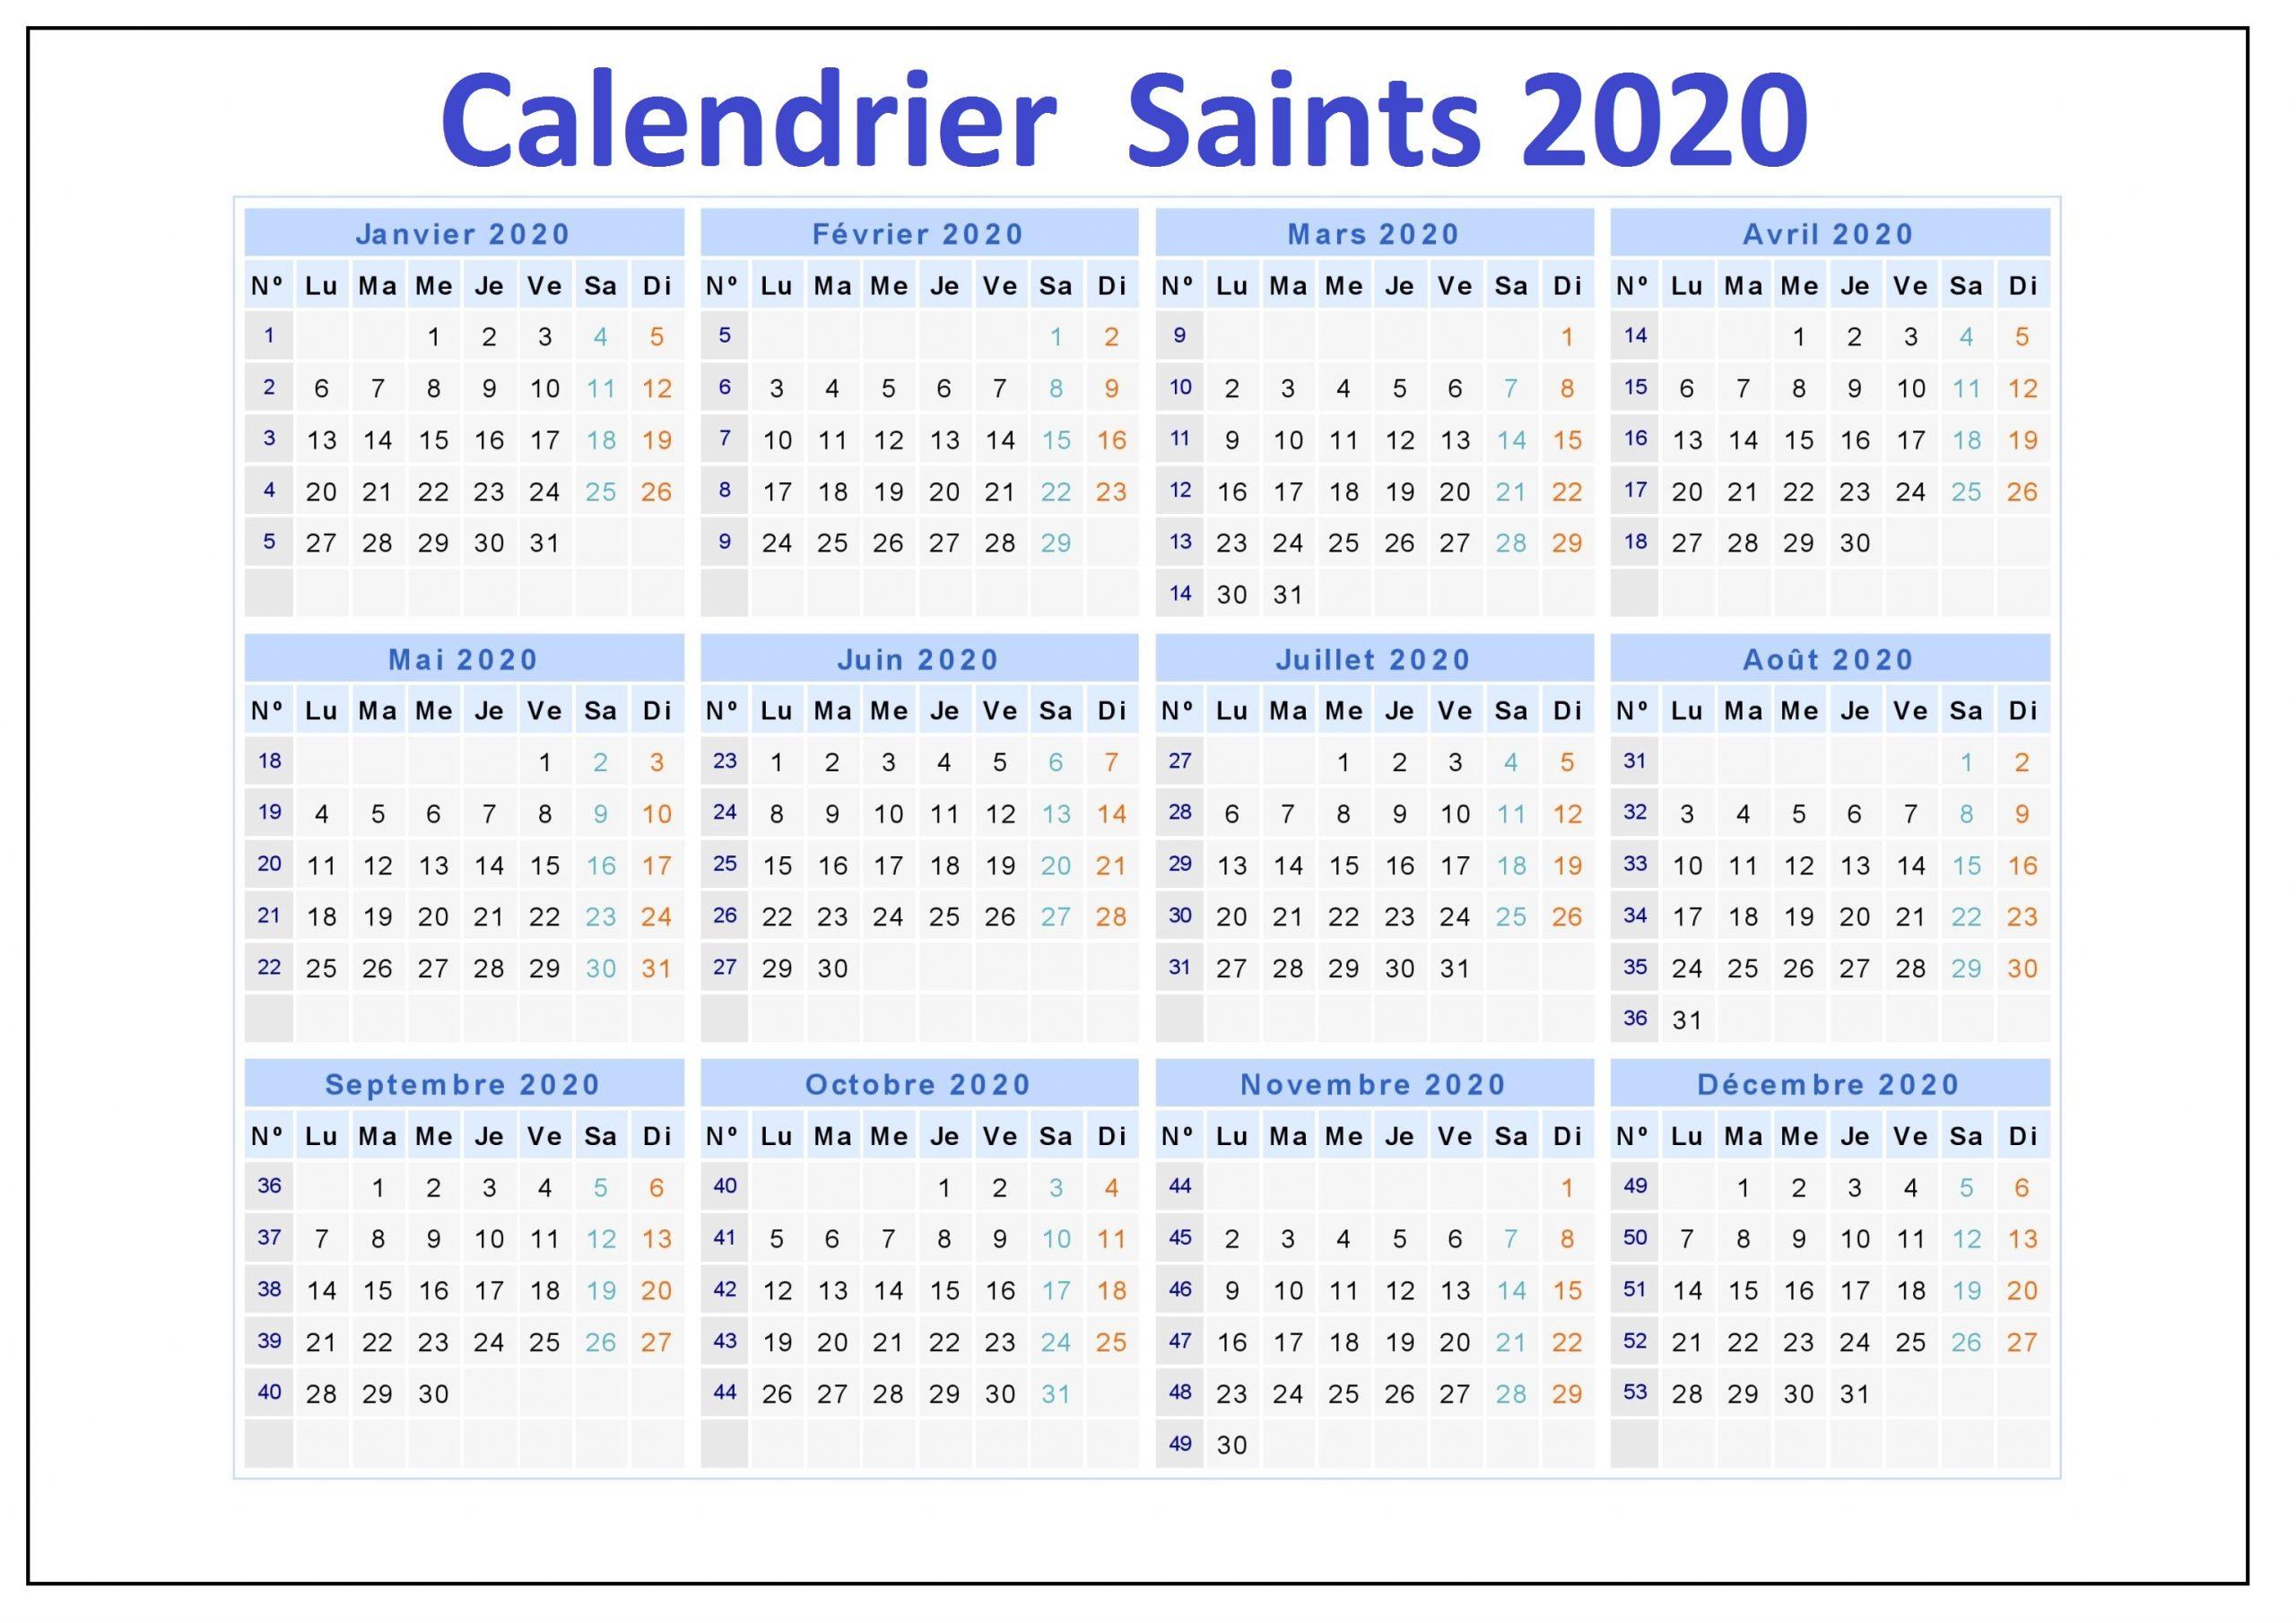 Calendrier Des Saints 2020 Belgique